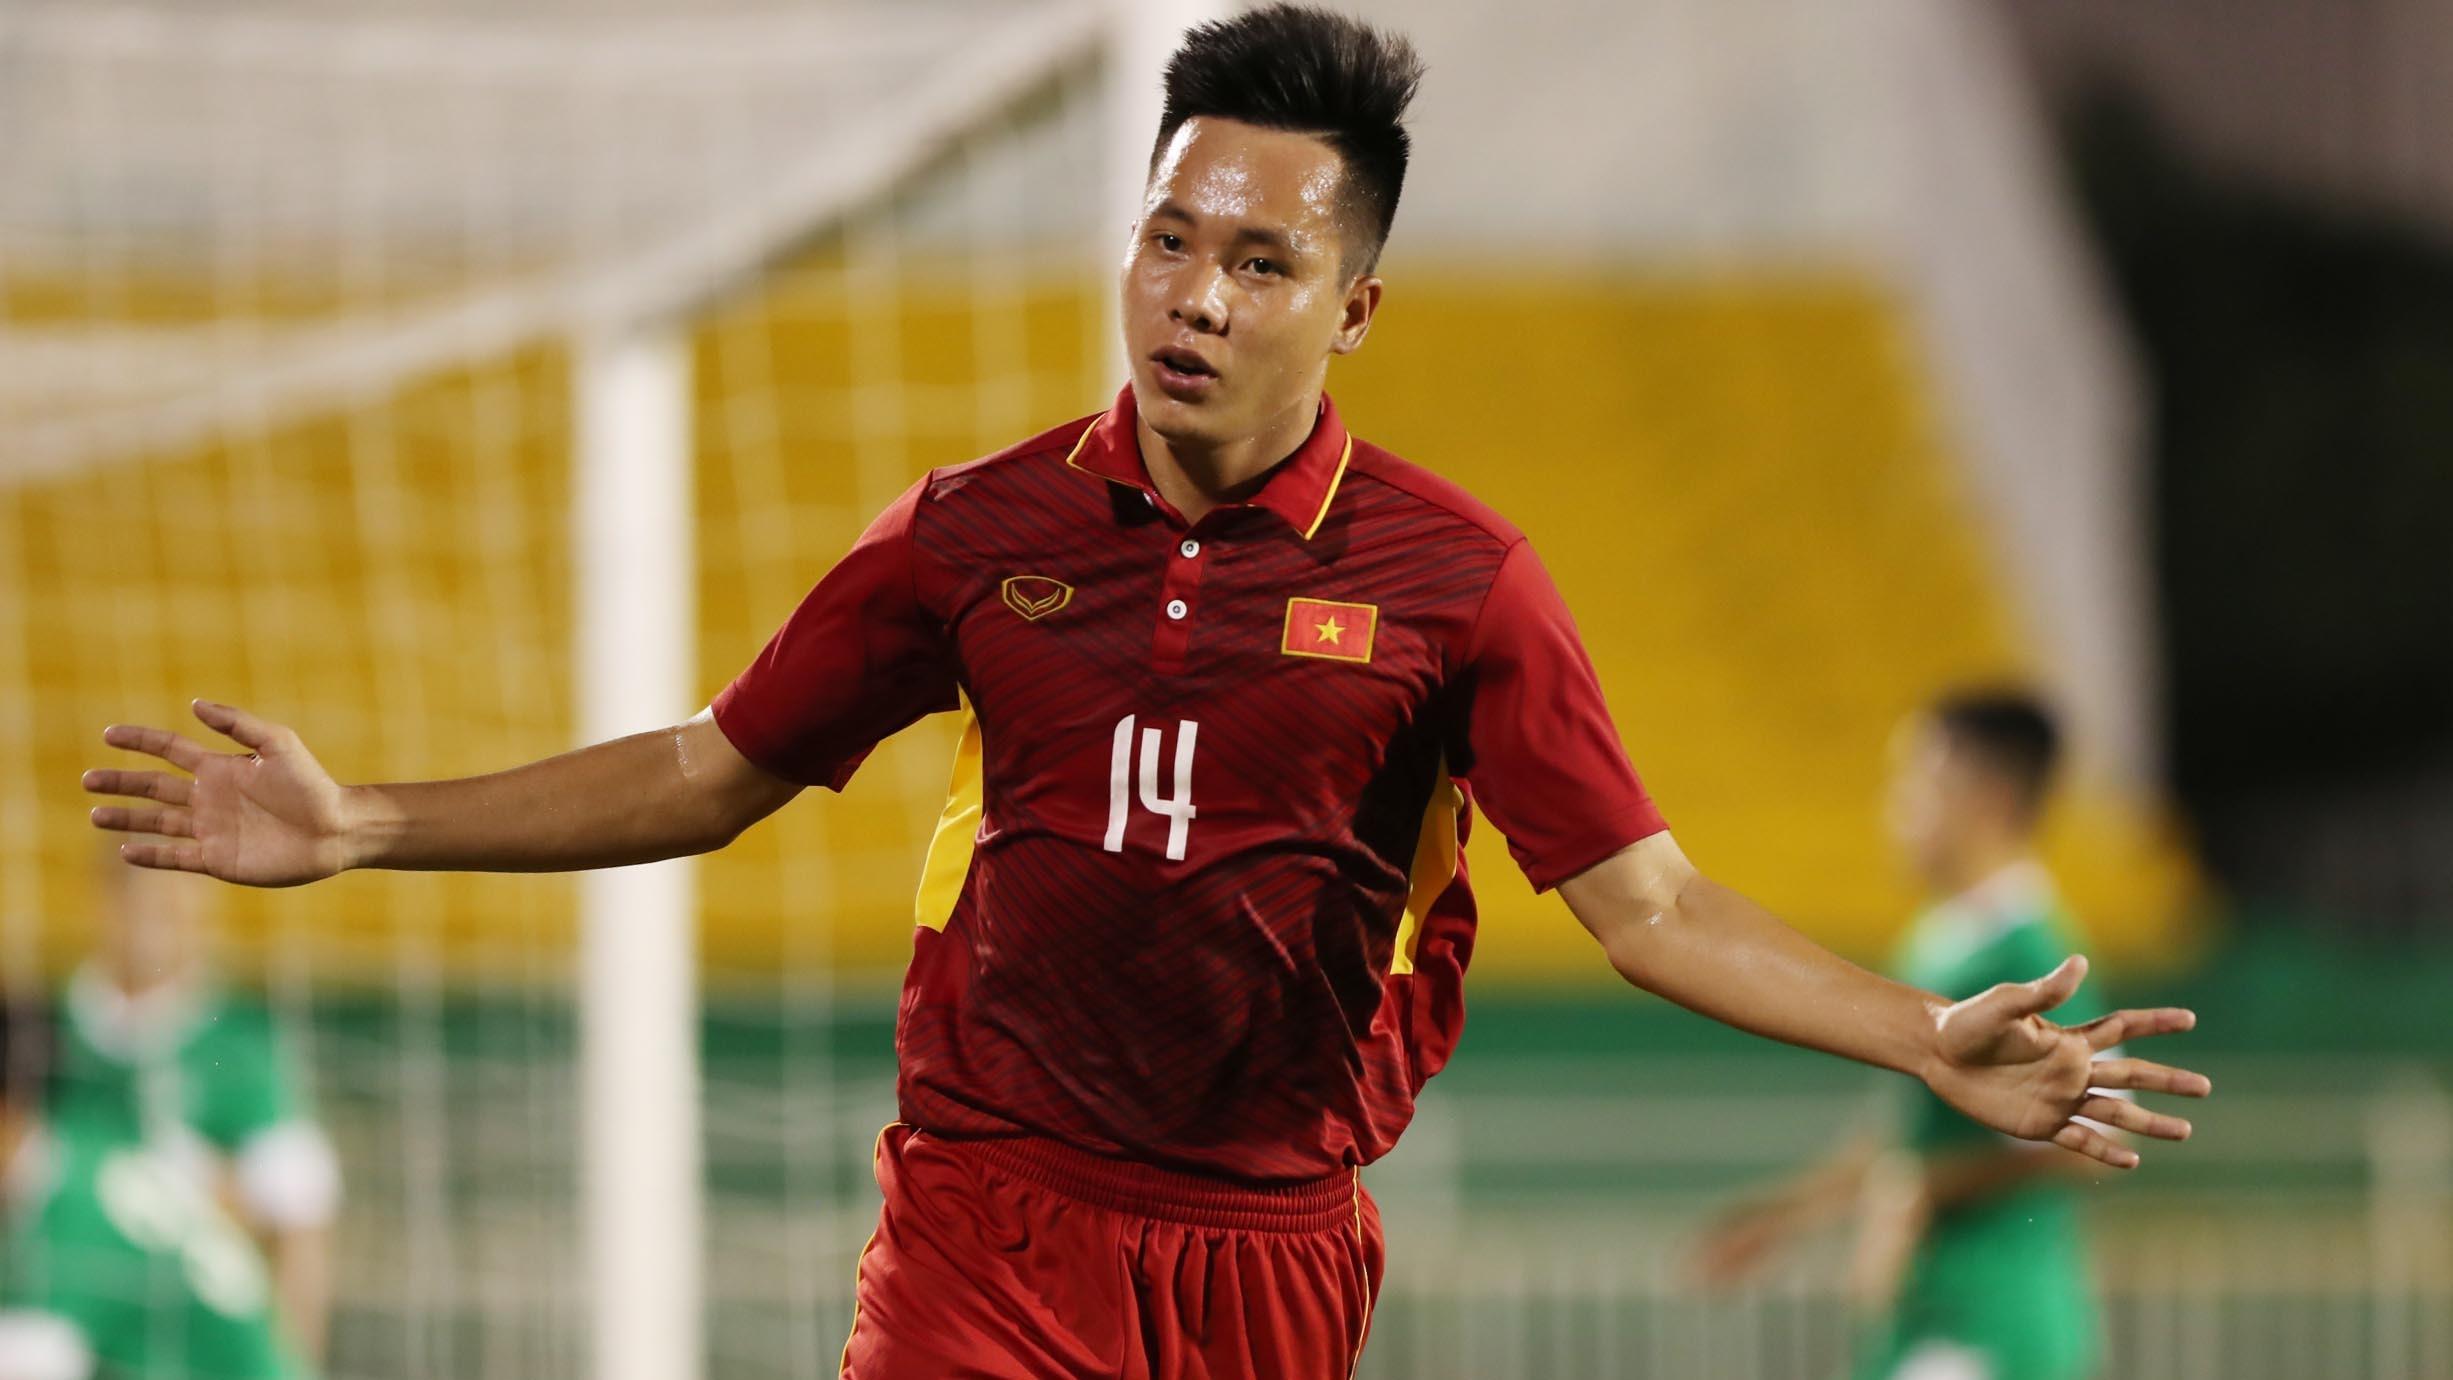 U23 Việt Nam: Không có chỗ cho tiền đạo cắm - Bóng Đá